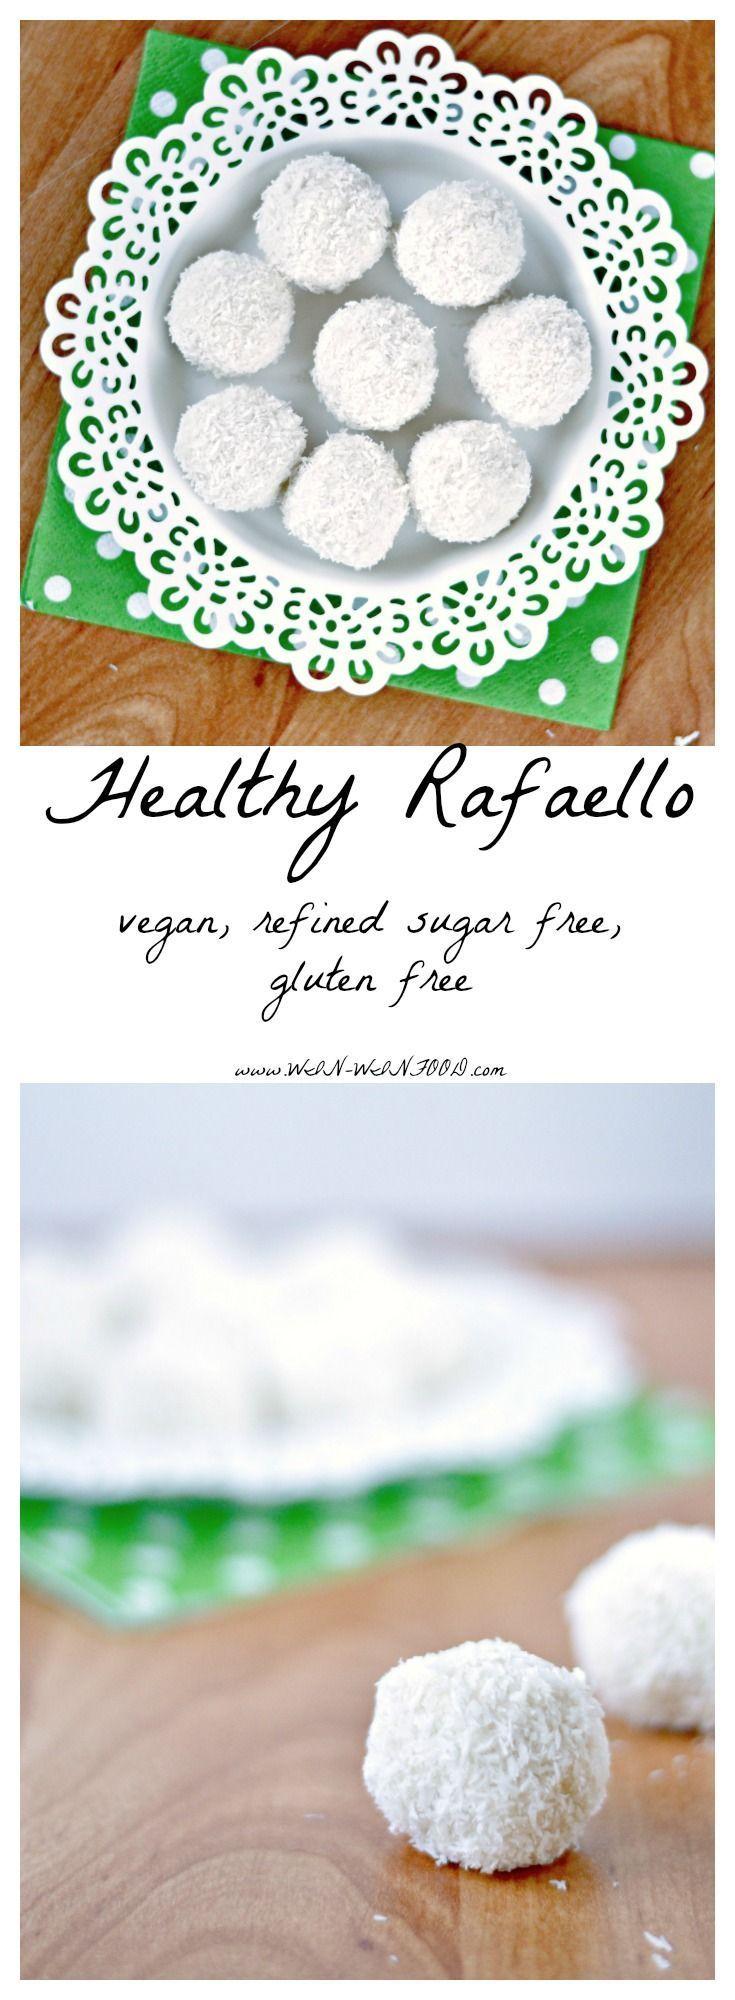 Healthy Raffaello | Coconut shreds, maple syrup, coconut cream and almonds